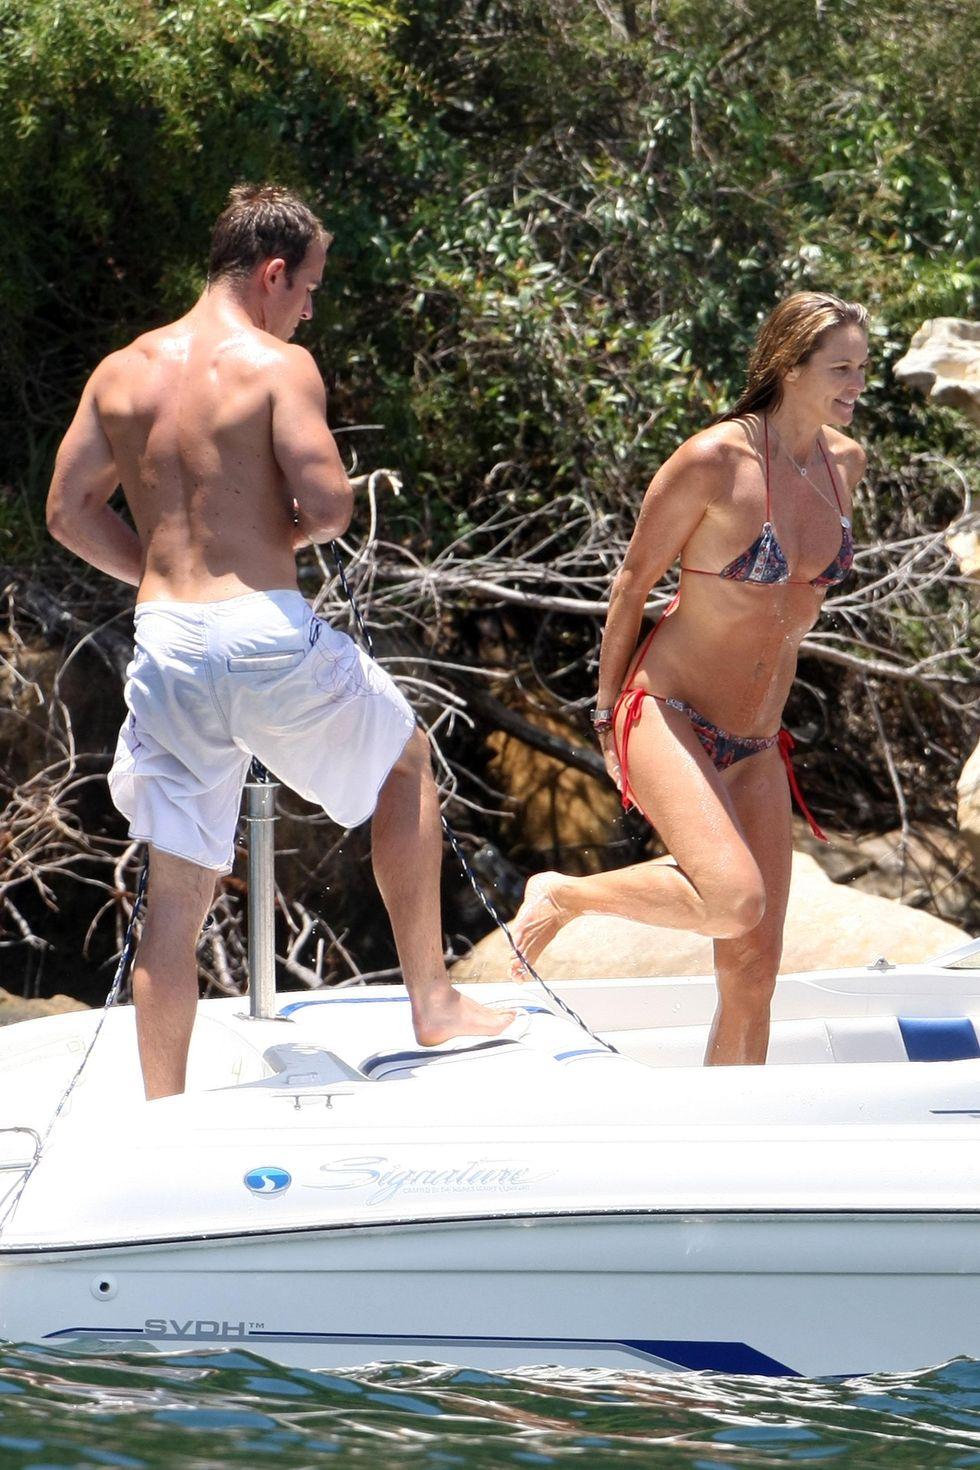 elle-macpherson-in-bikini-on-a-boat-in-sydney-01